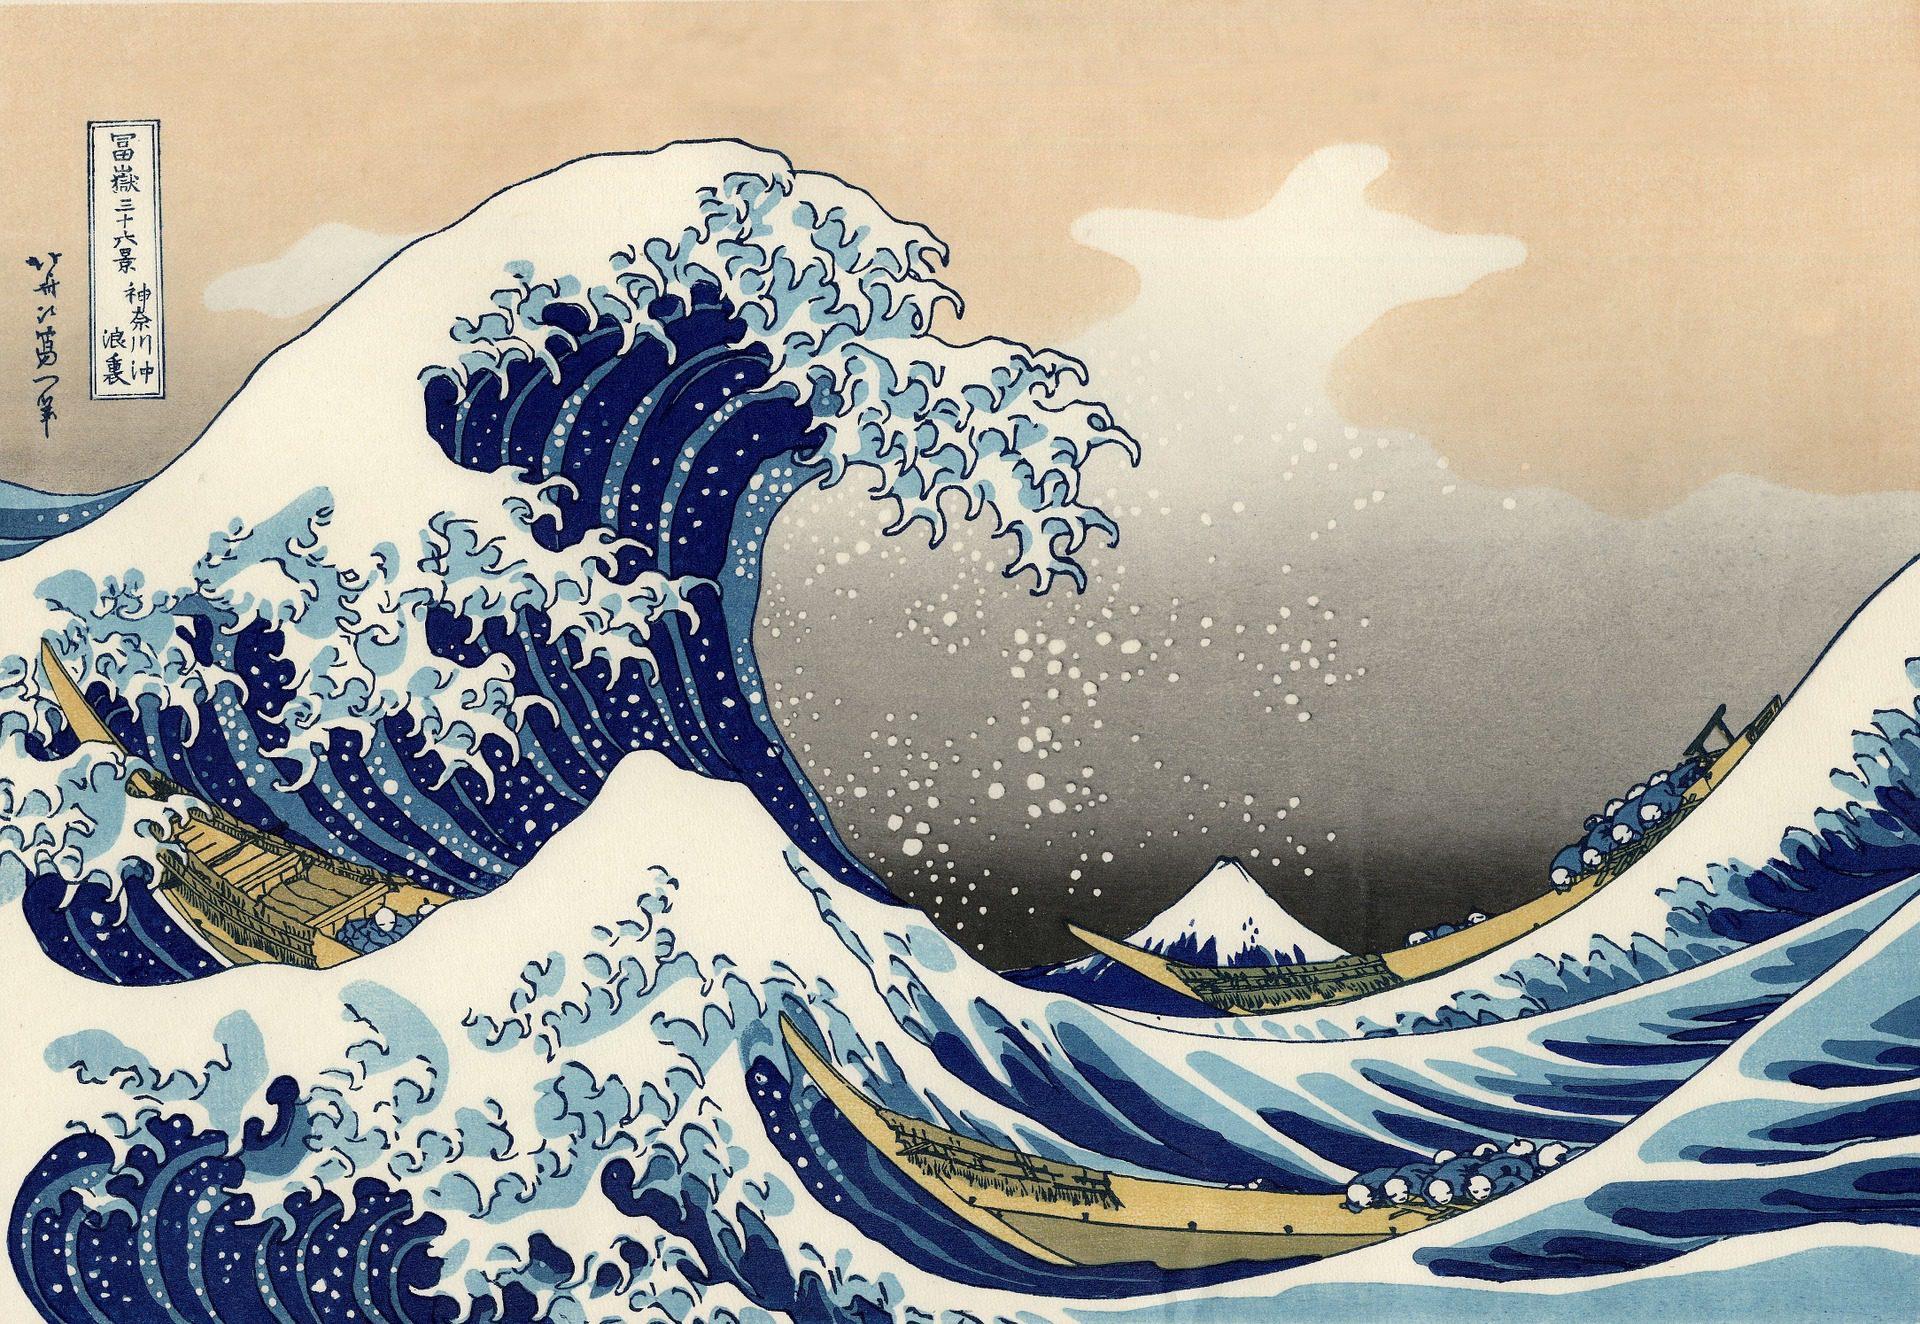 A Onda é uma famosa xilogravura do mestre japonês Hokusai, 1831